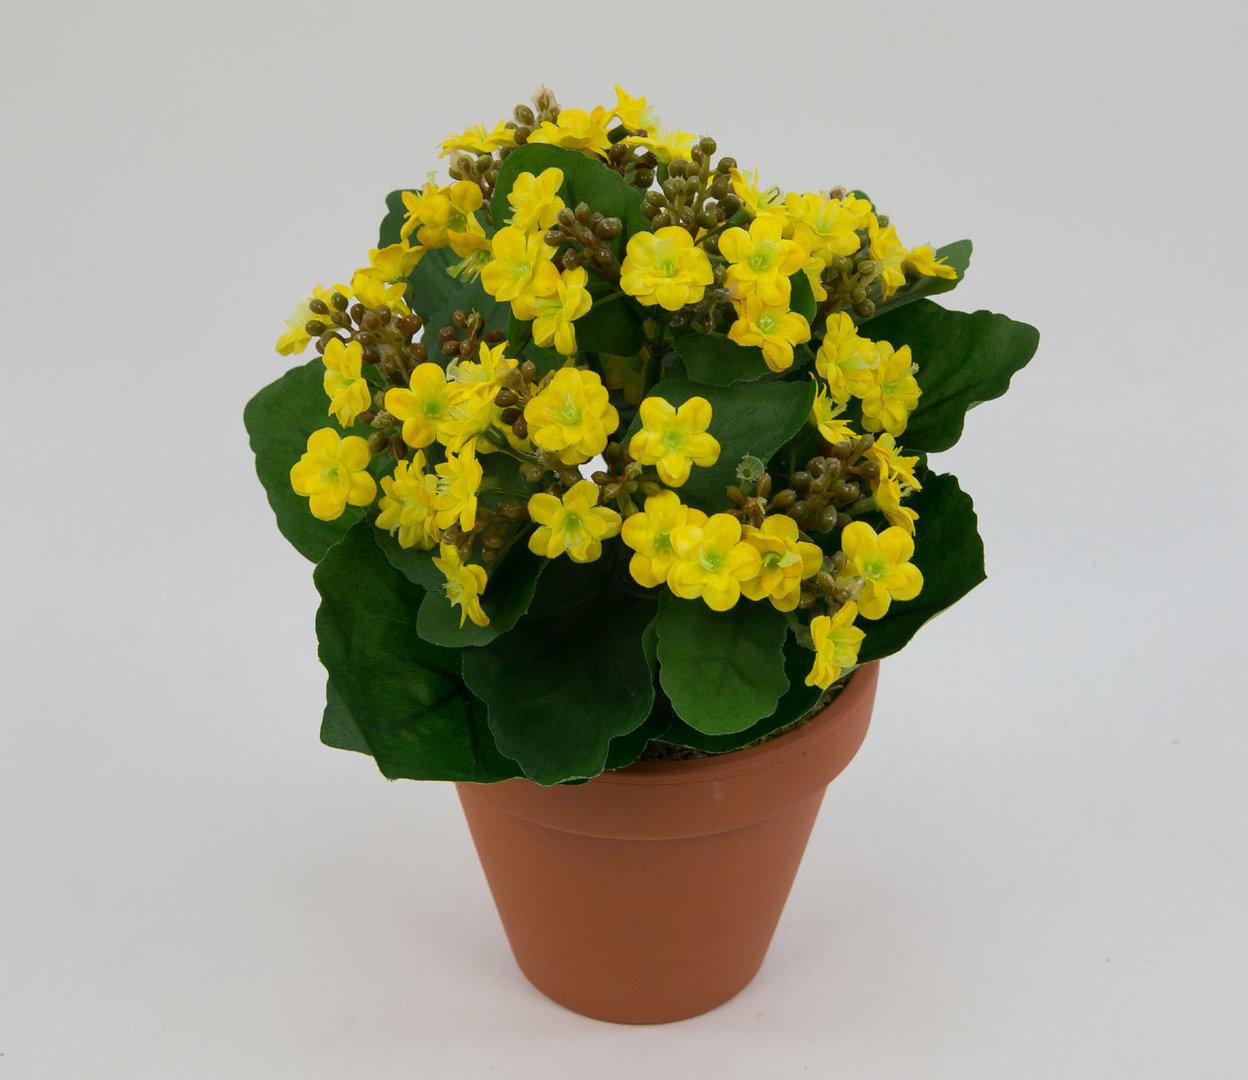 kalanchoe 22cm gelb im topf lm kunstpflanzen kunstblumen. Black Bedroom Furniture Sets. Home Design Ideas